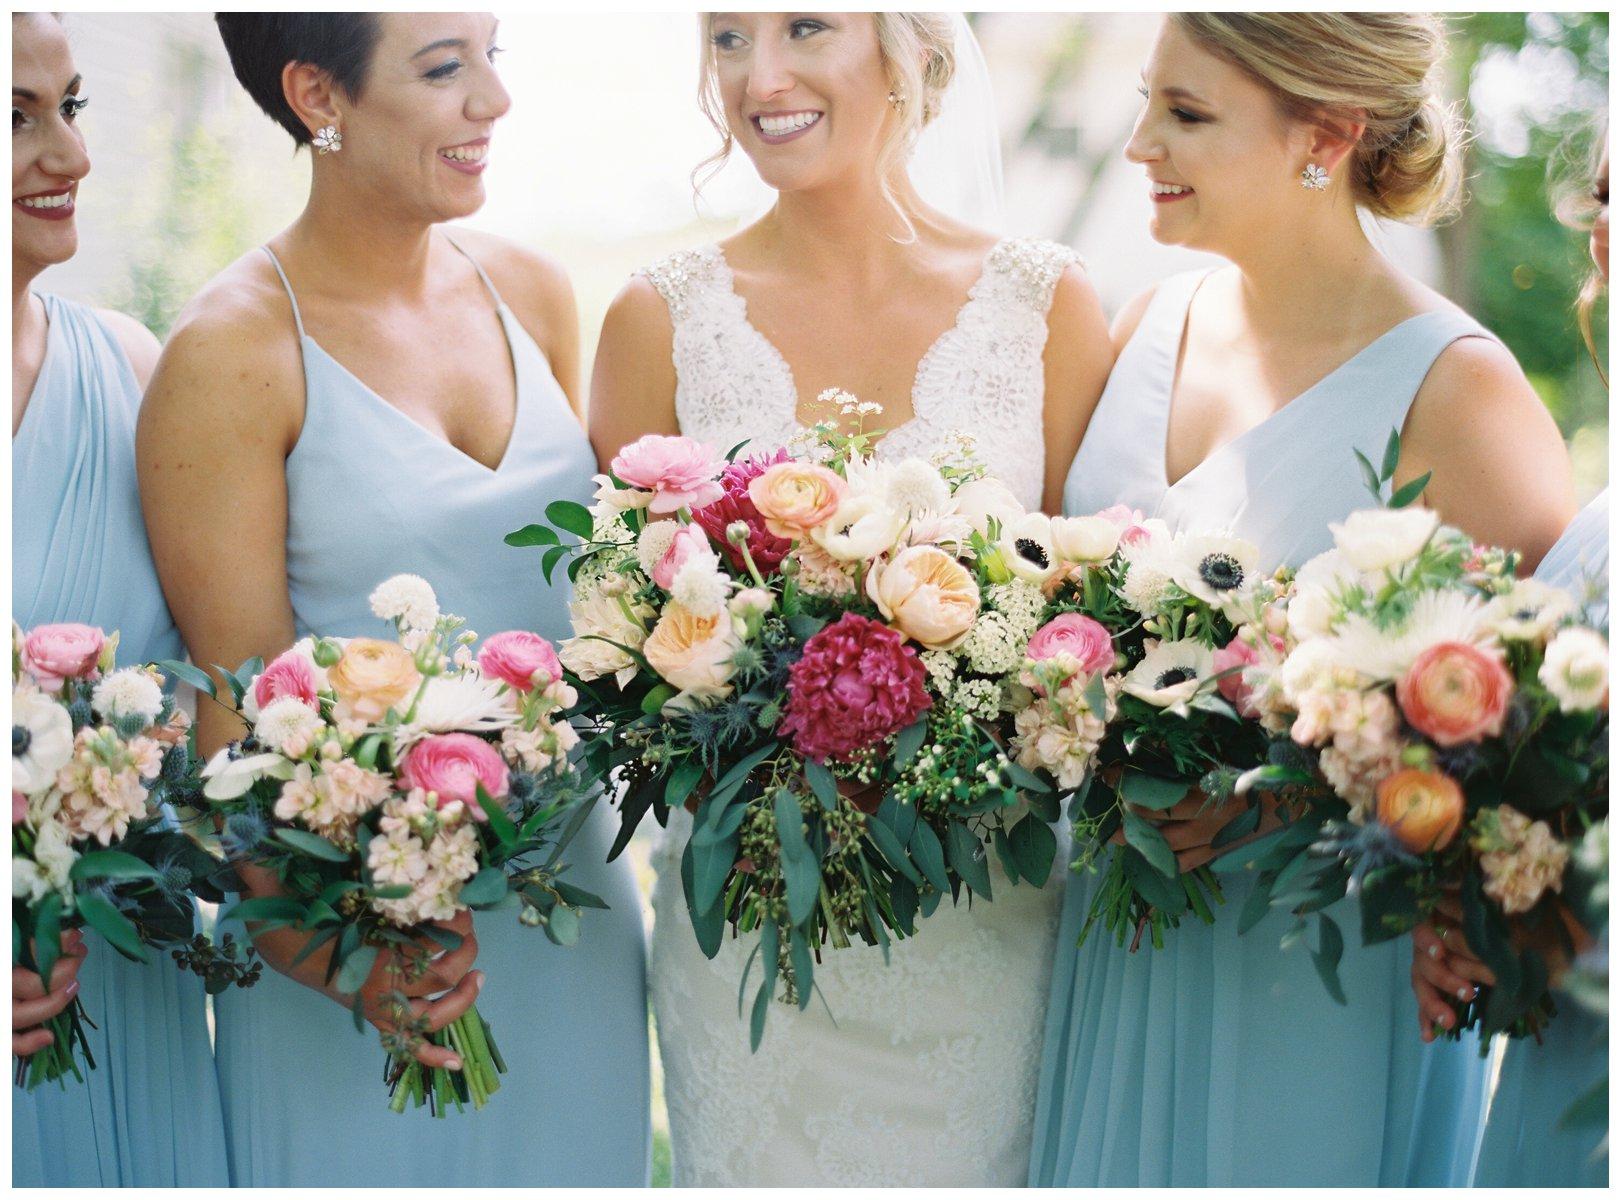 lauren muckler photography_fine art film wedding photography_st louis_photography_2371.jpg